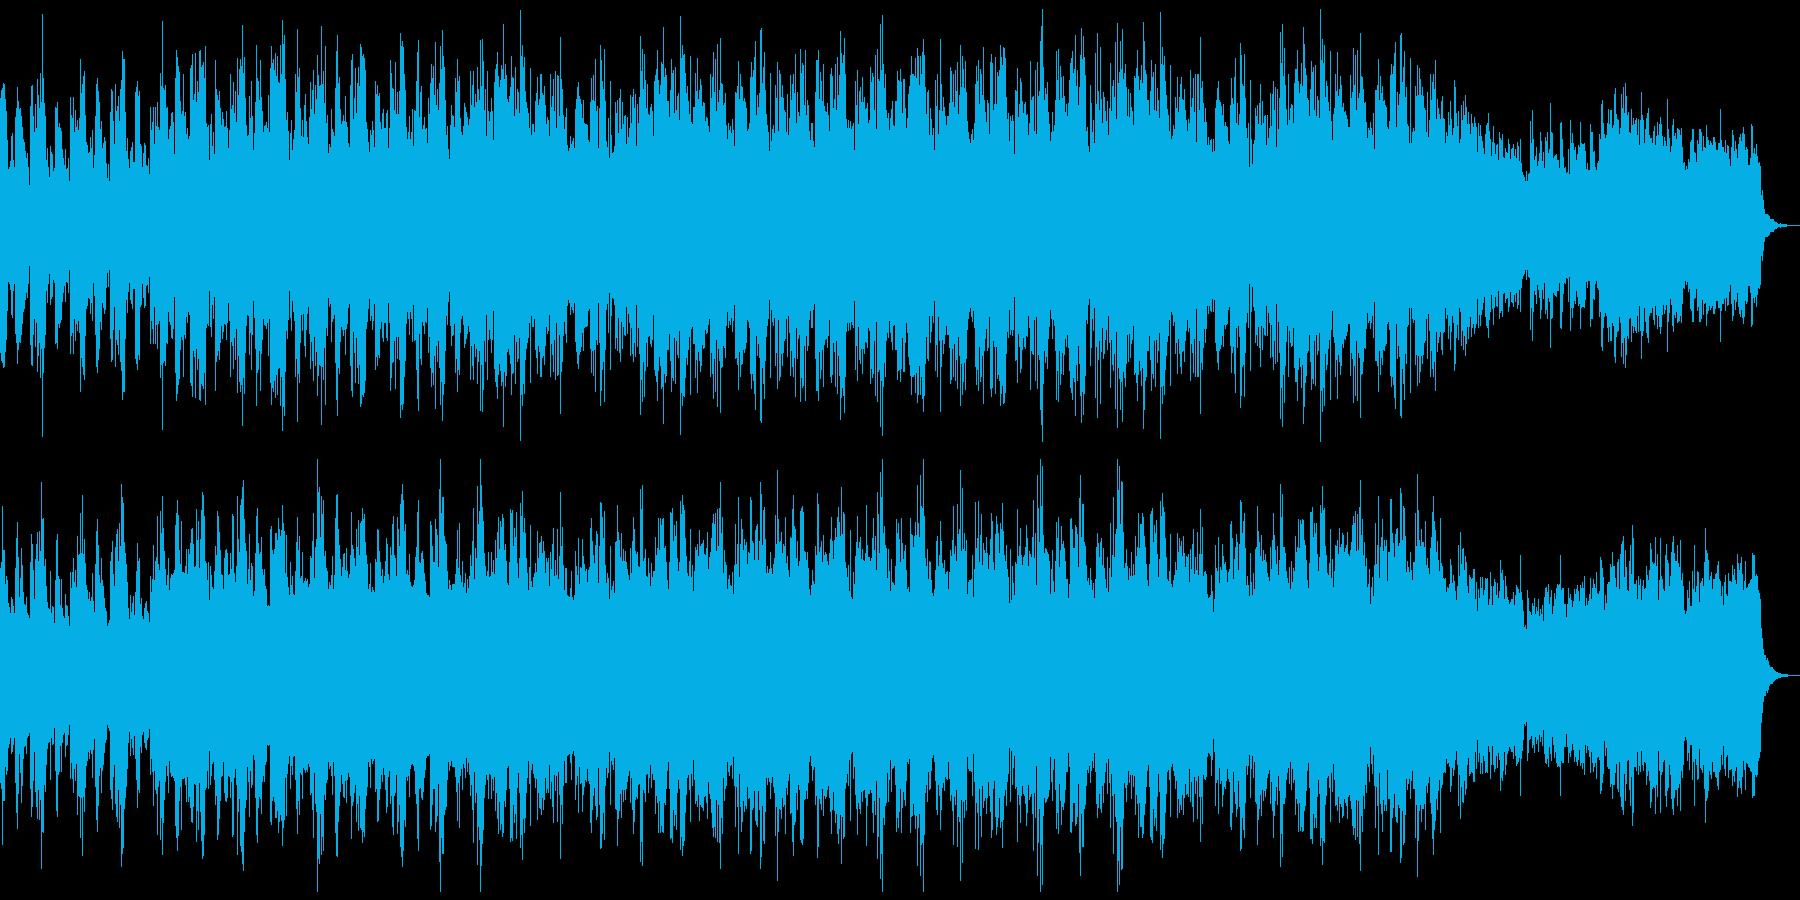 ダンジョン、迷宮など威厳あるオーケストラの再生済みの波形